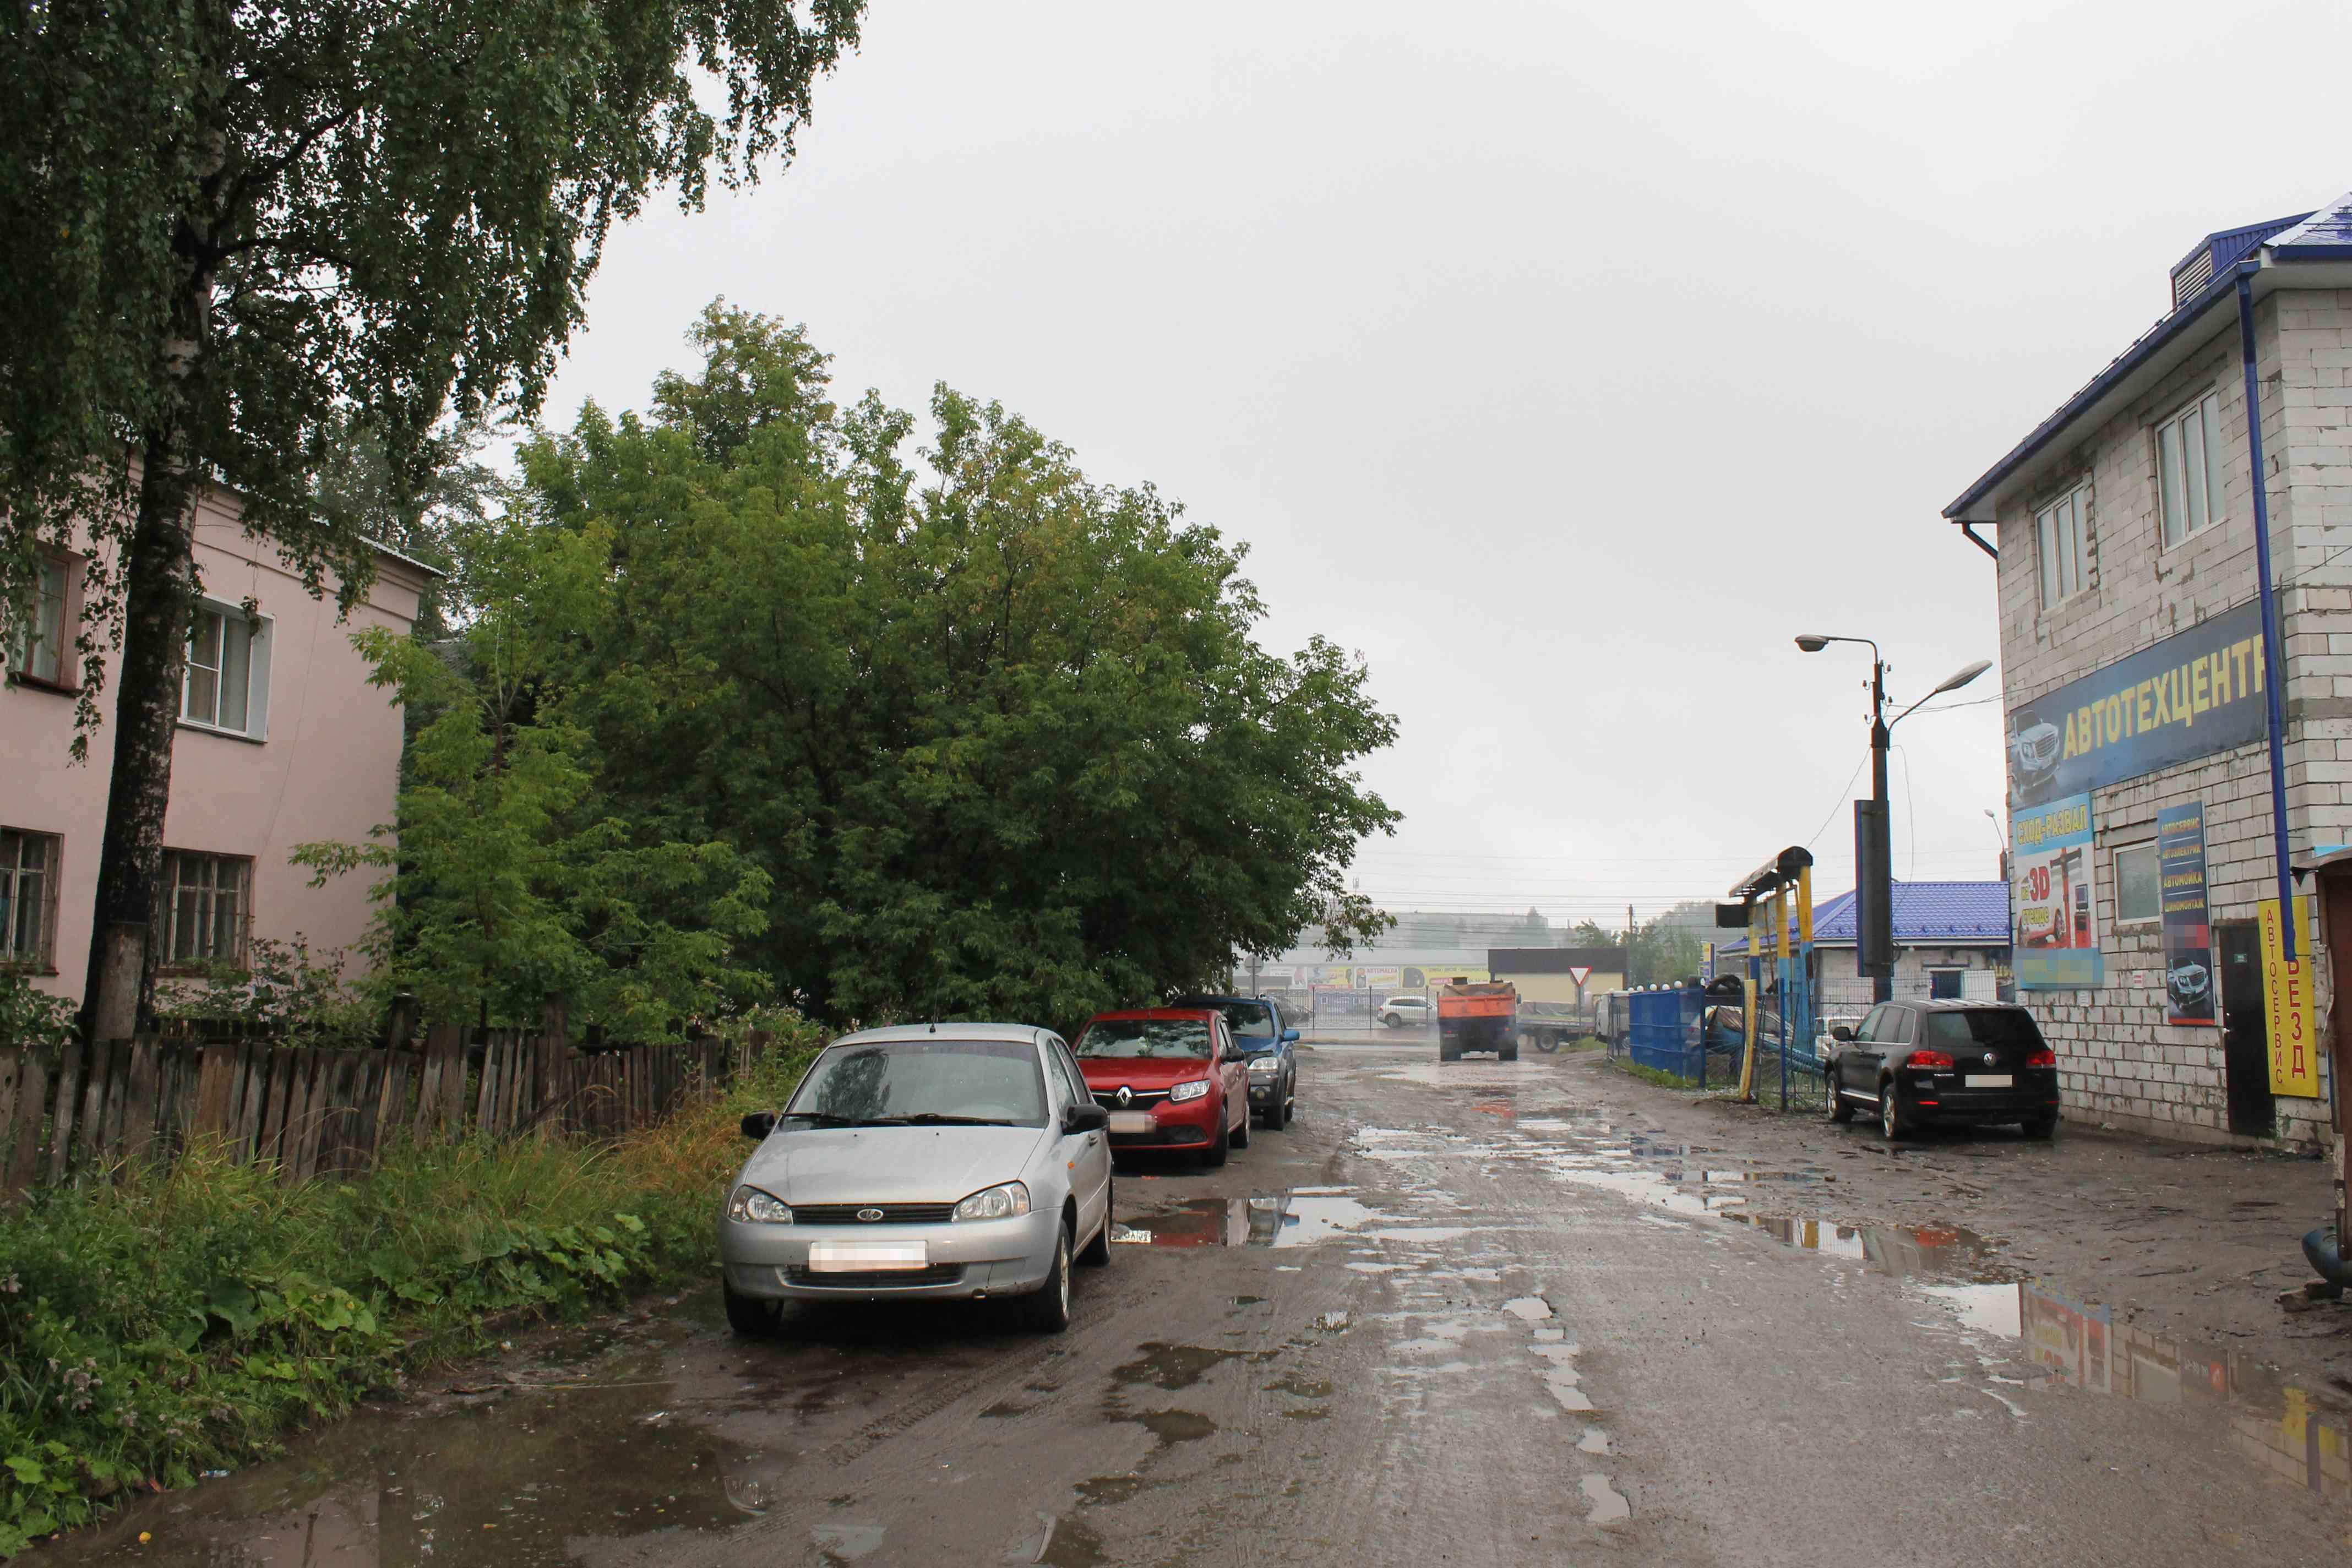 ОНФ: одна из крупных автомоек в Кирове работает незаконно